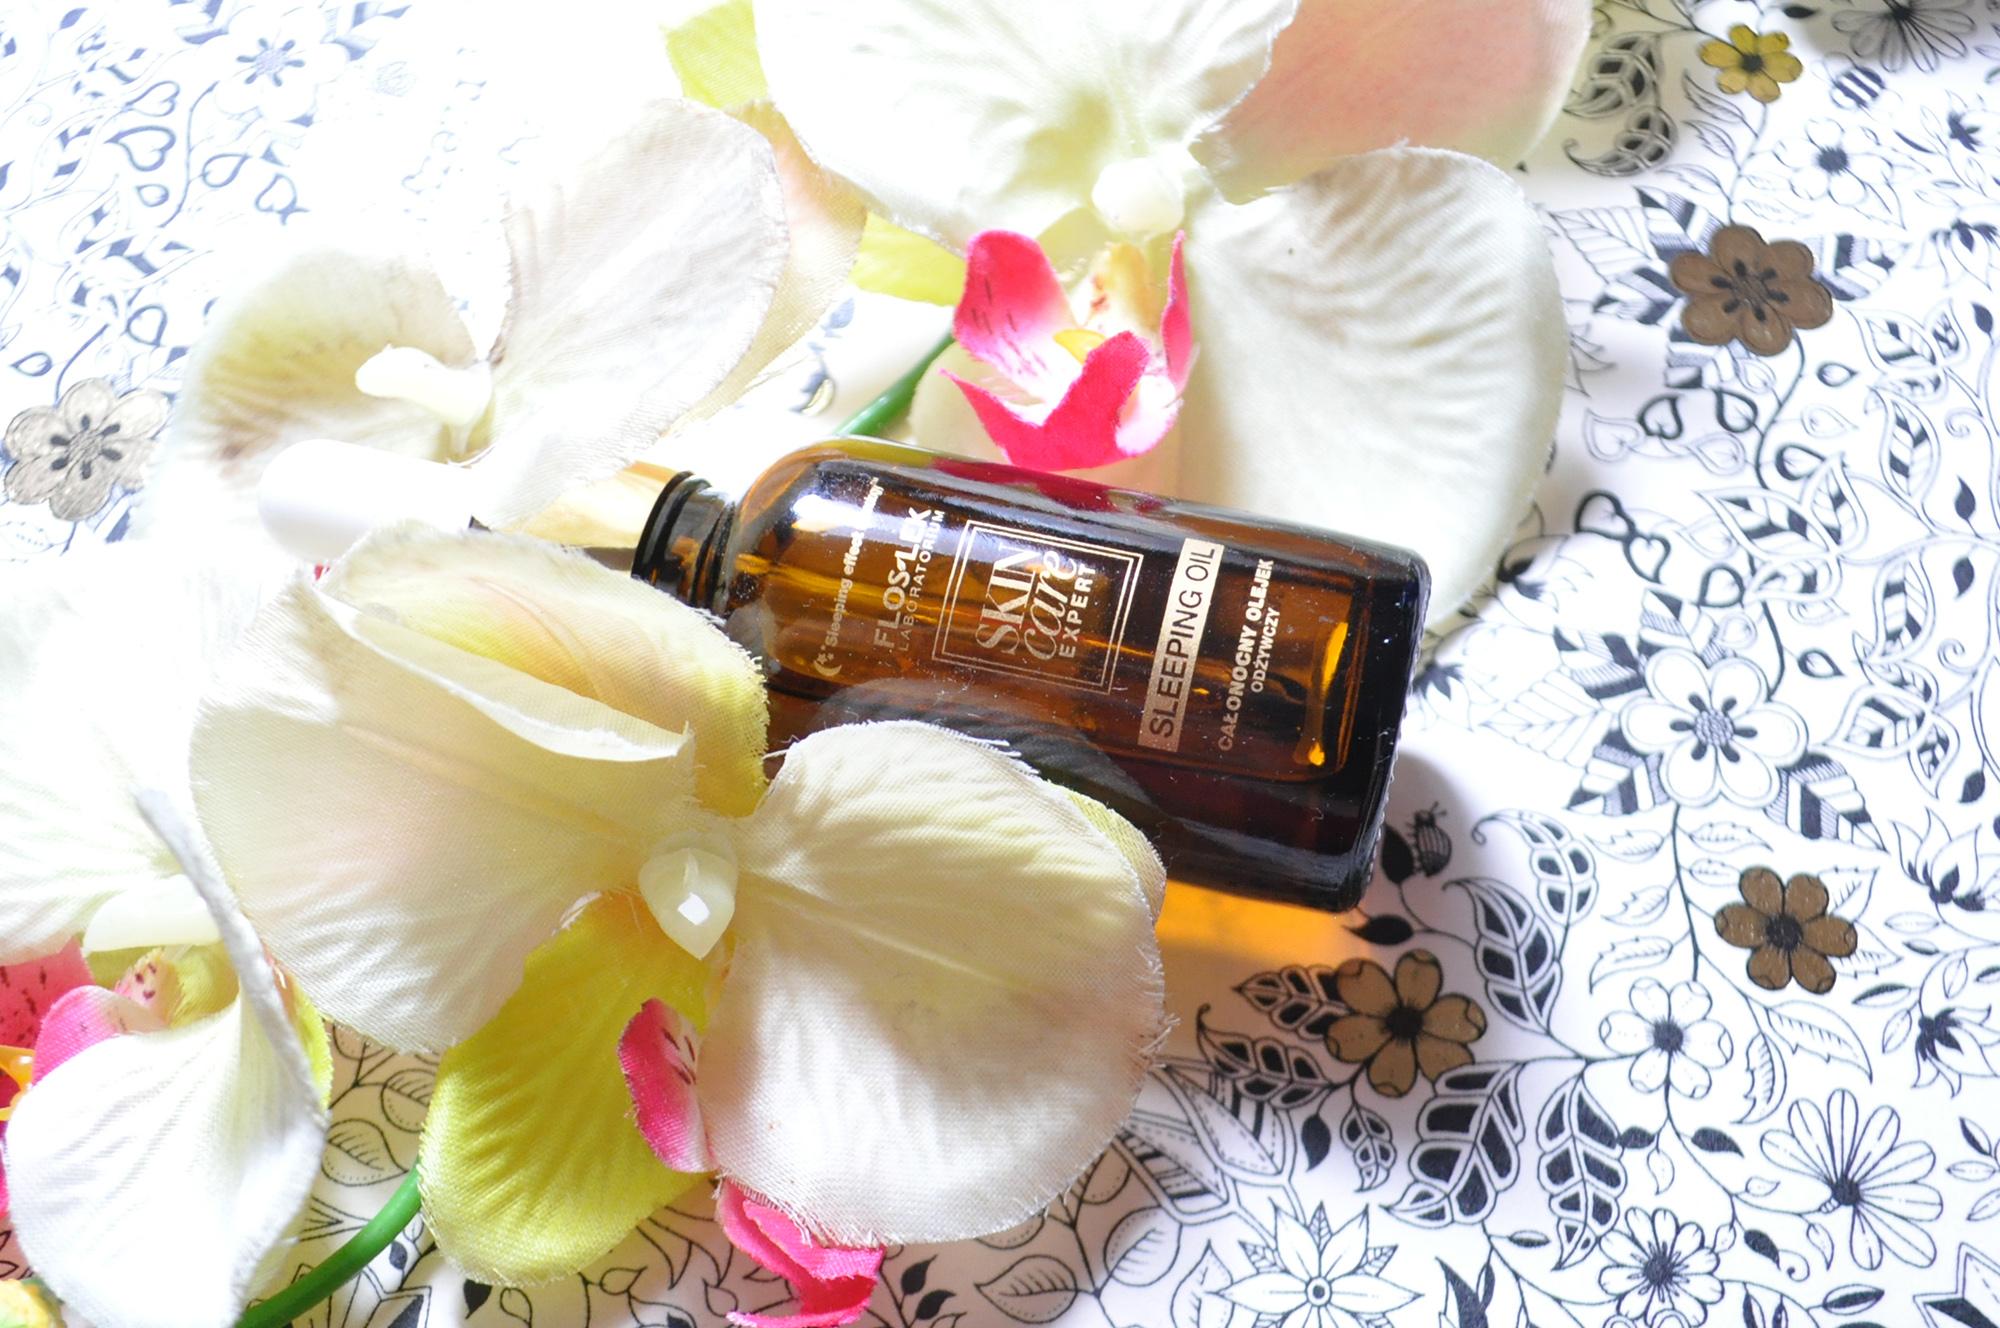 Recenzja: Skin Care Expert Całonocny Olejek Odżywczy Floslek